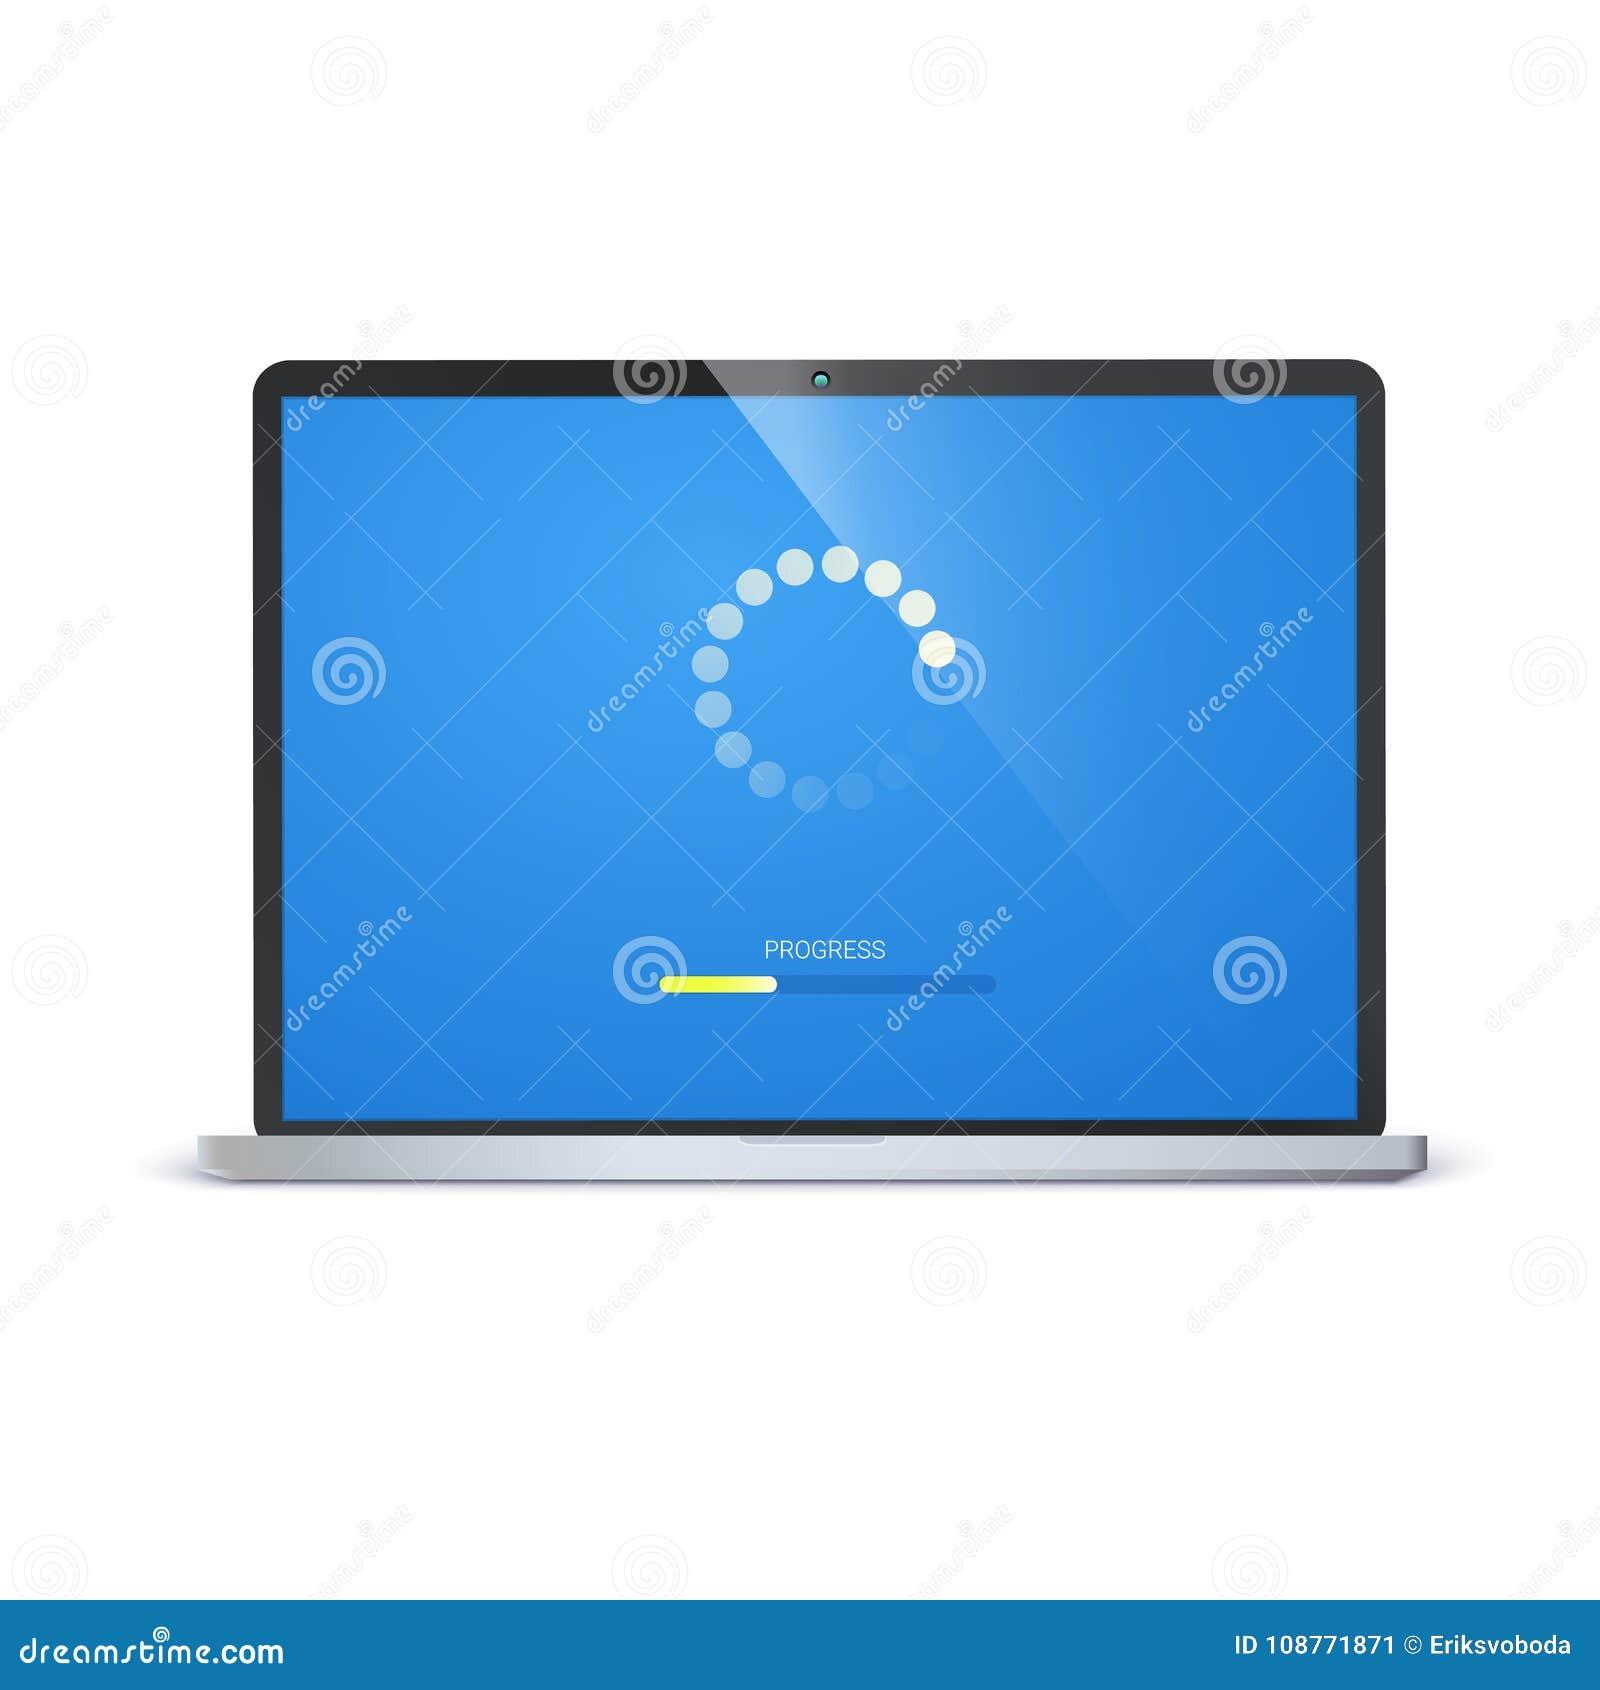 Load Bar For Mobile Apps, Web Preloader On Screen Of Laptop  Radial